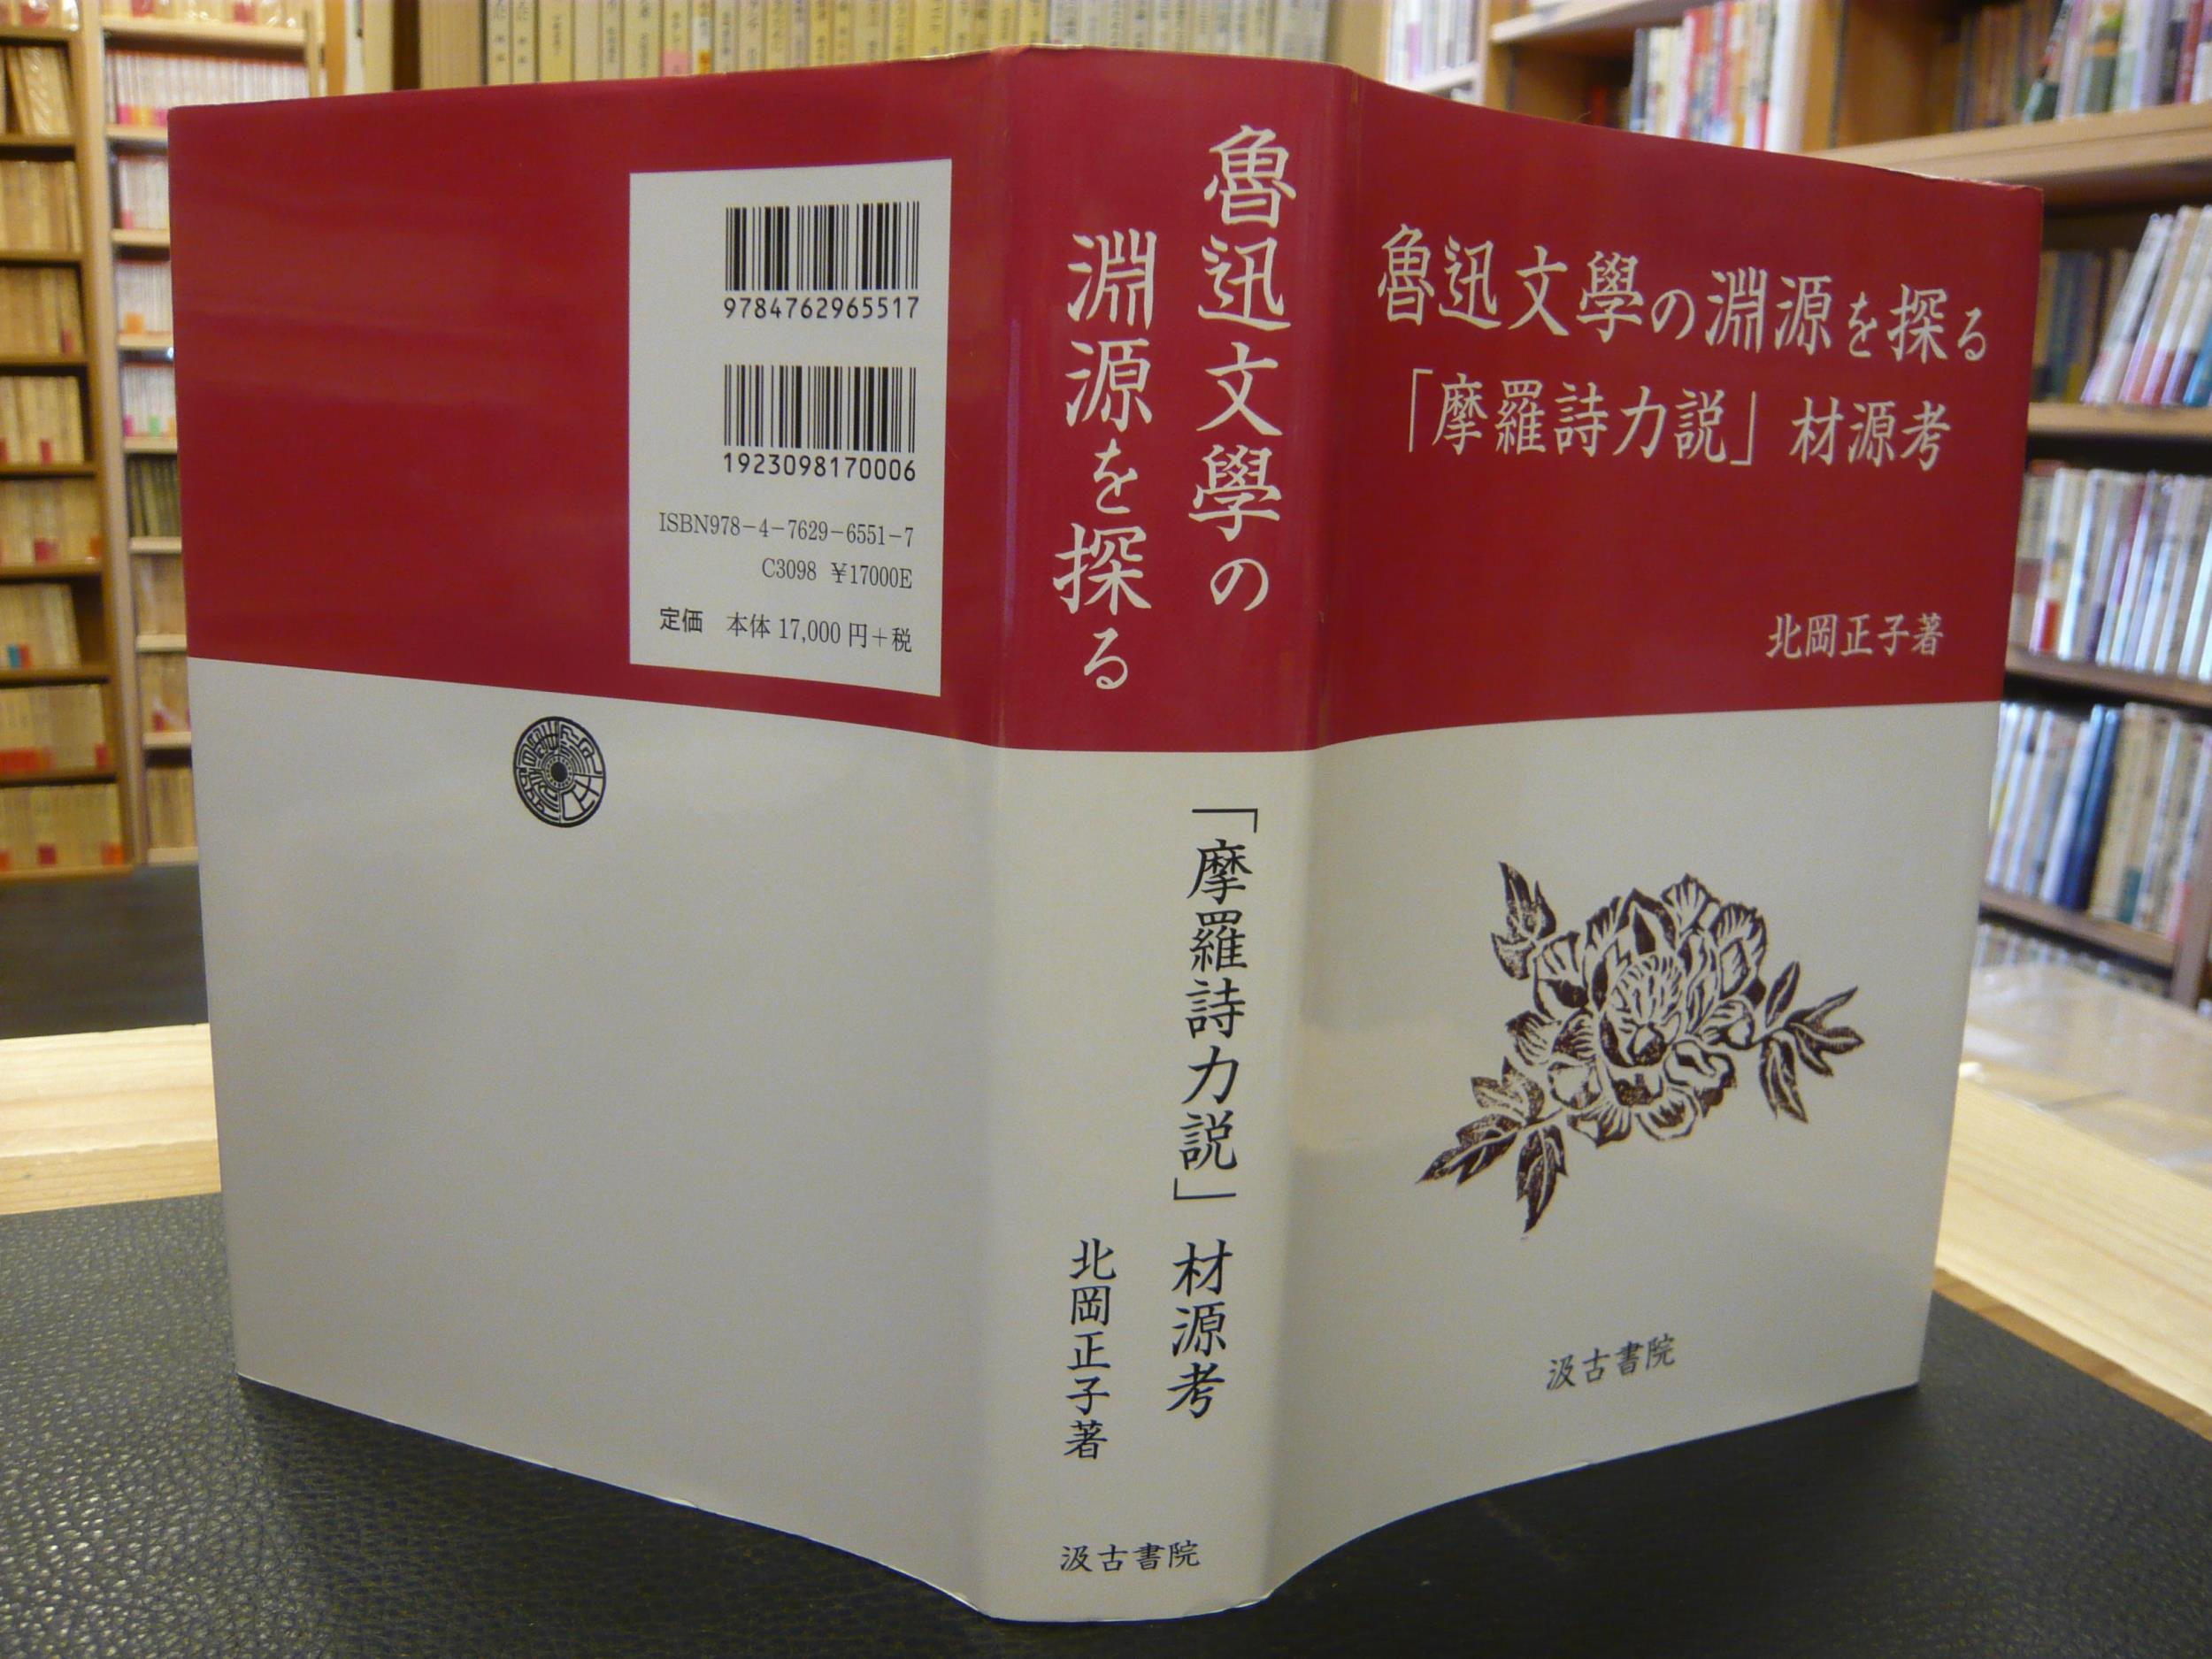 魯迅文學の淵源を探る」(北岡 正...